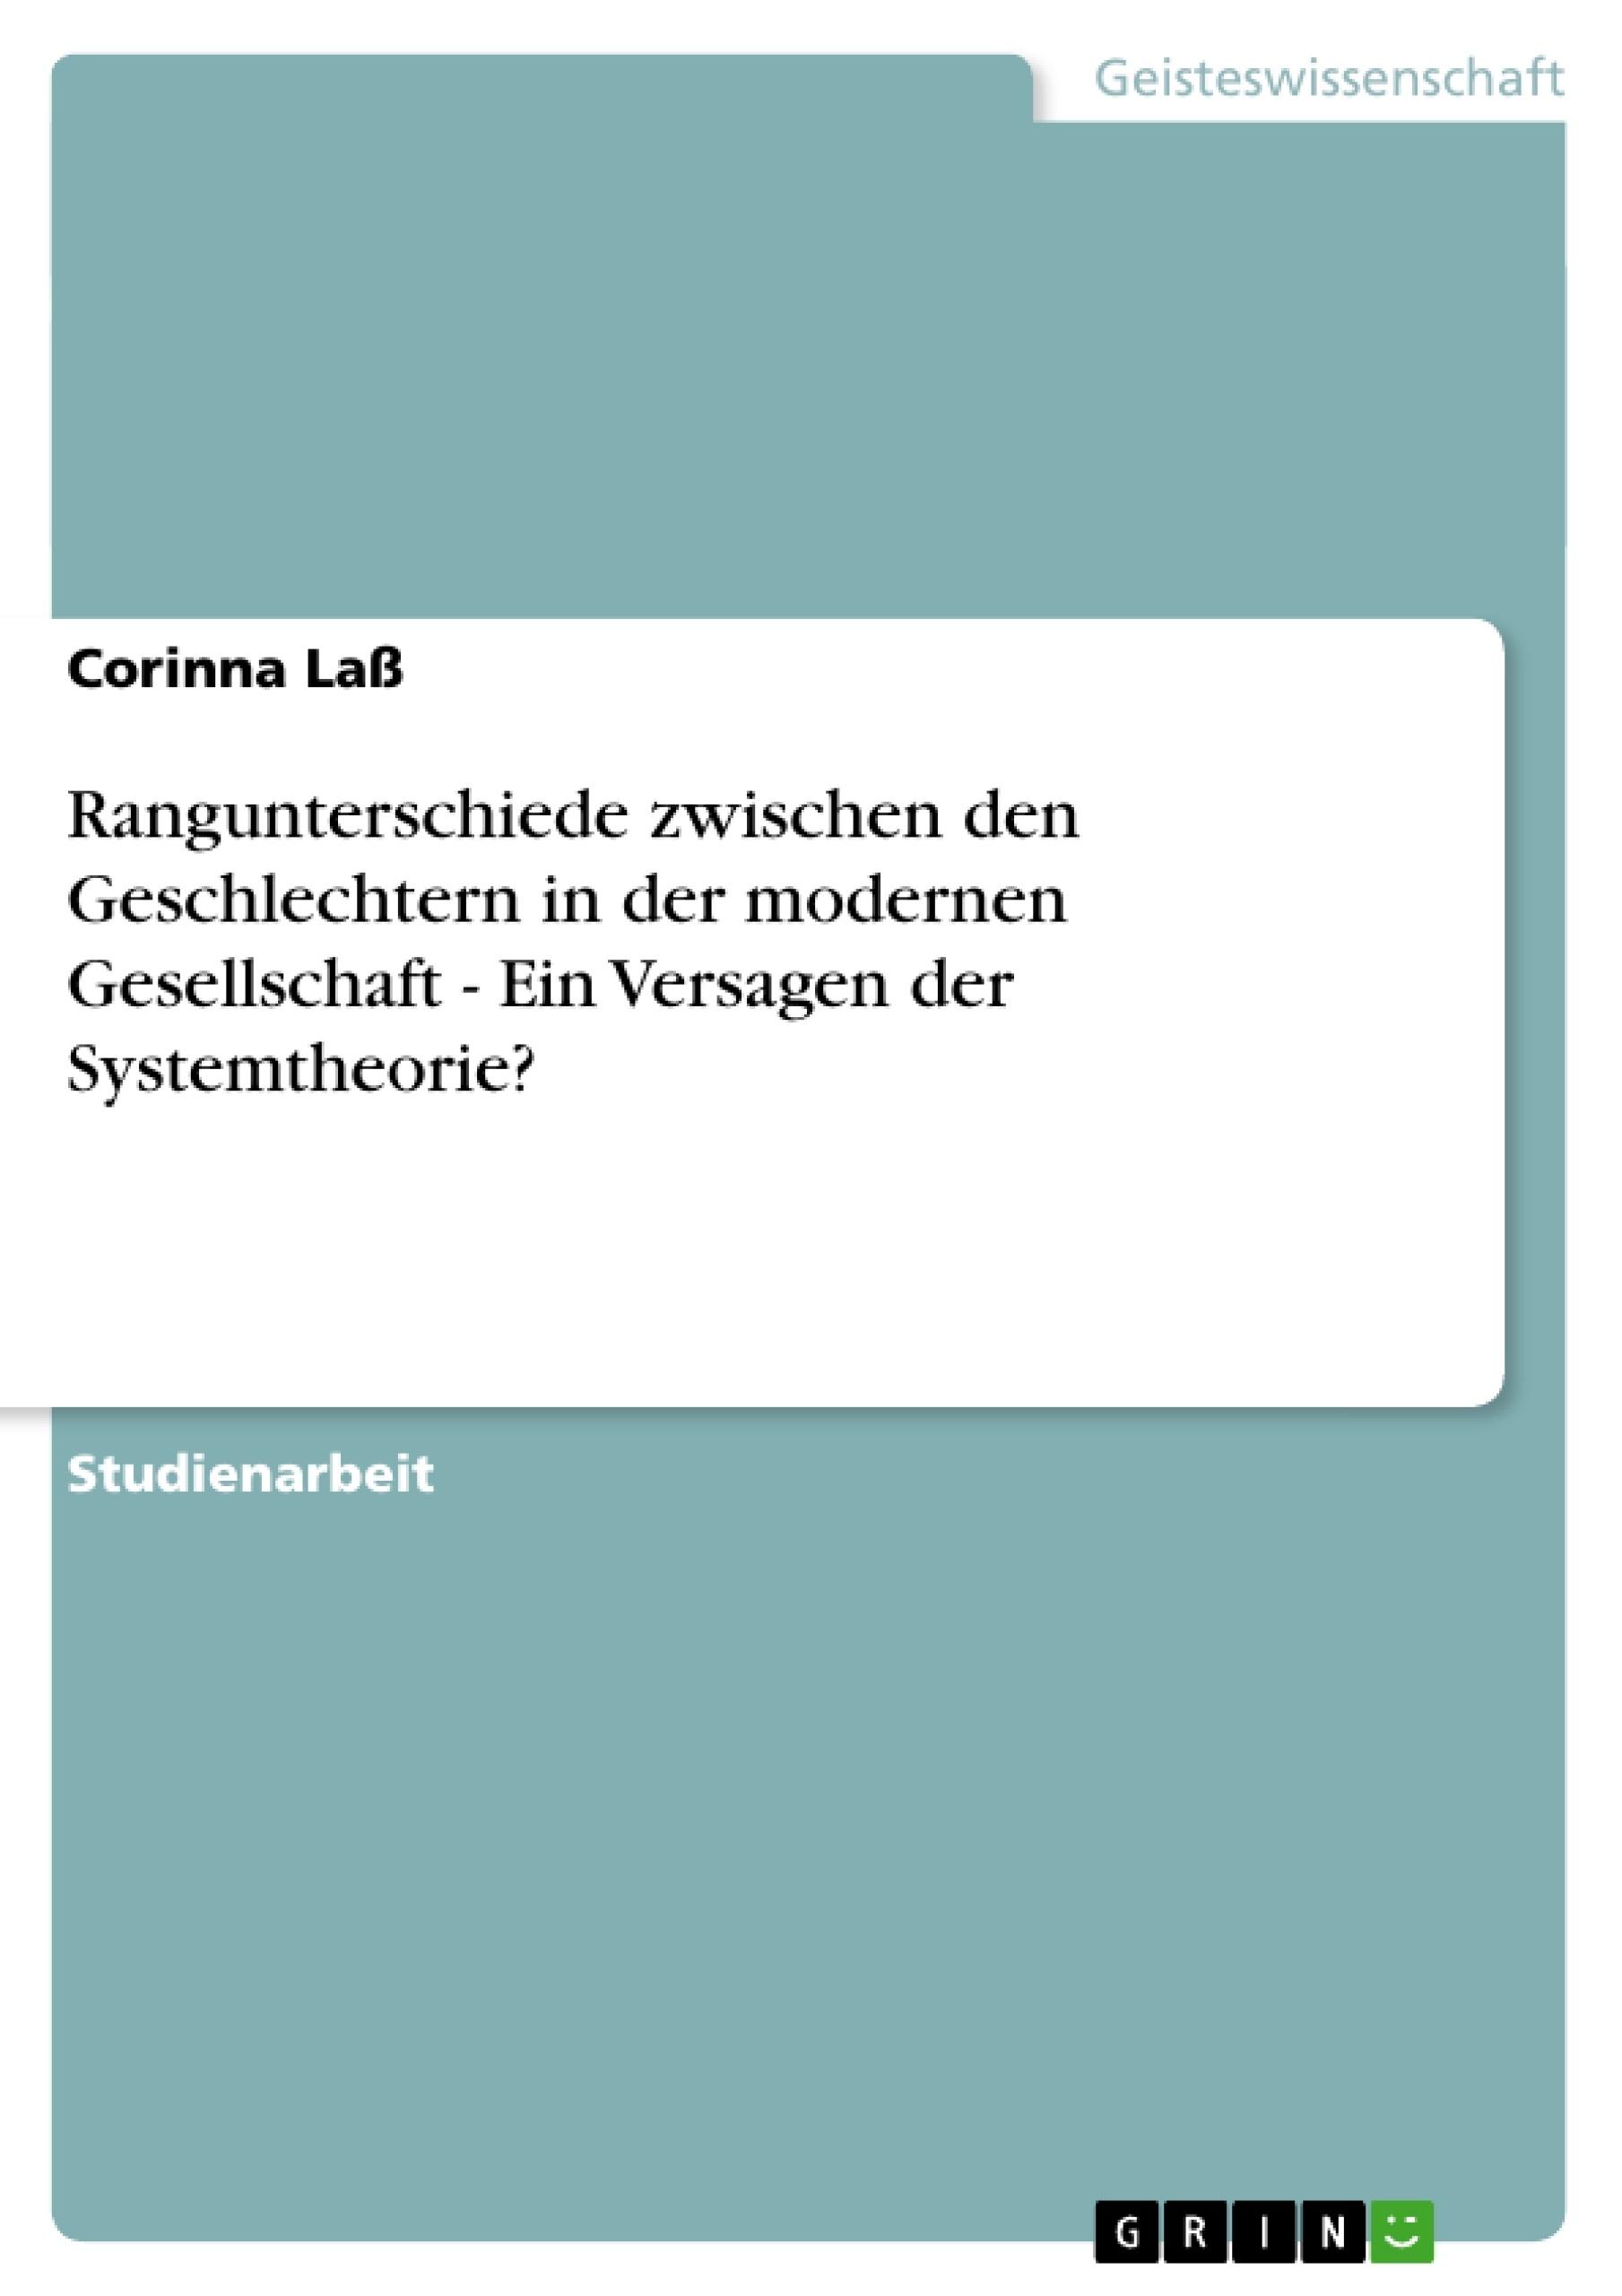 Titel: Rangunterschiede zwischen den Geschlechtern in der modernen Gesellschaft - Ein Versagen der Systemtheorie?